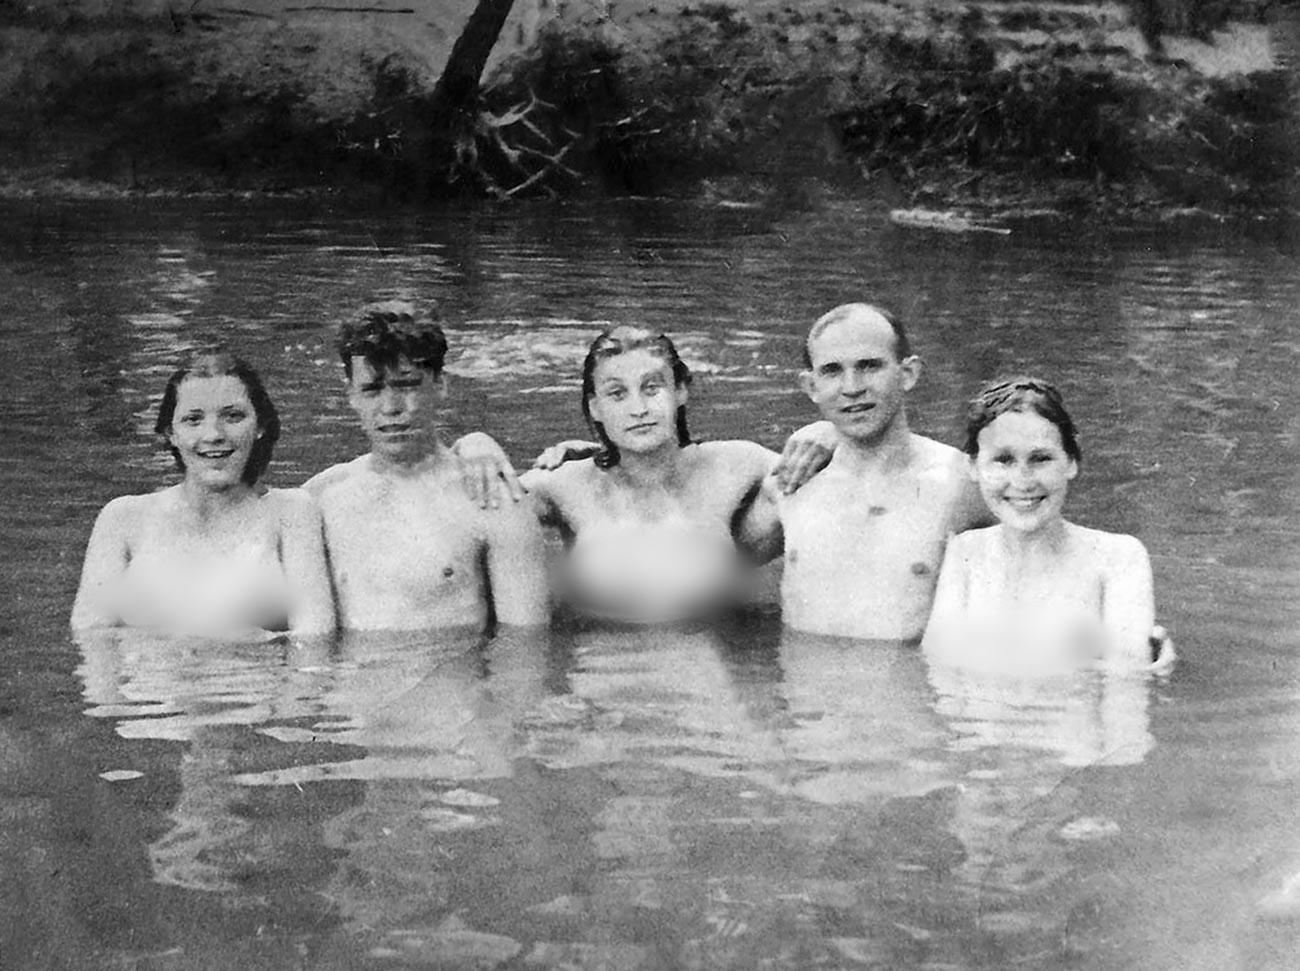 Miembros del Komsomol de la fábrica Standardbeton se bañan en el río Moskva, 1940.